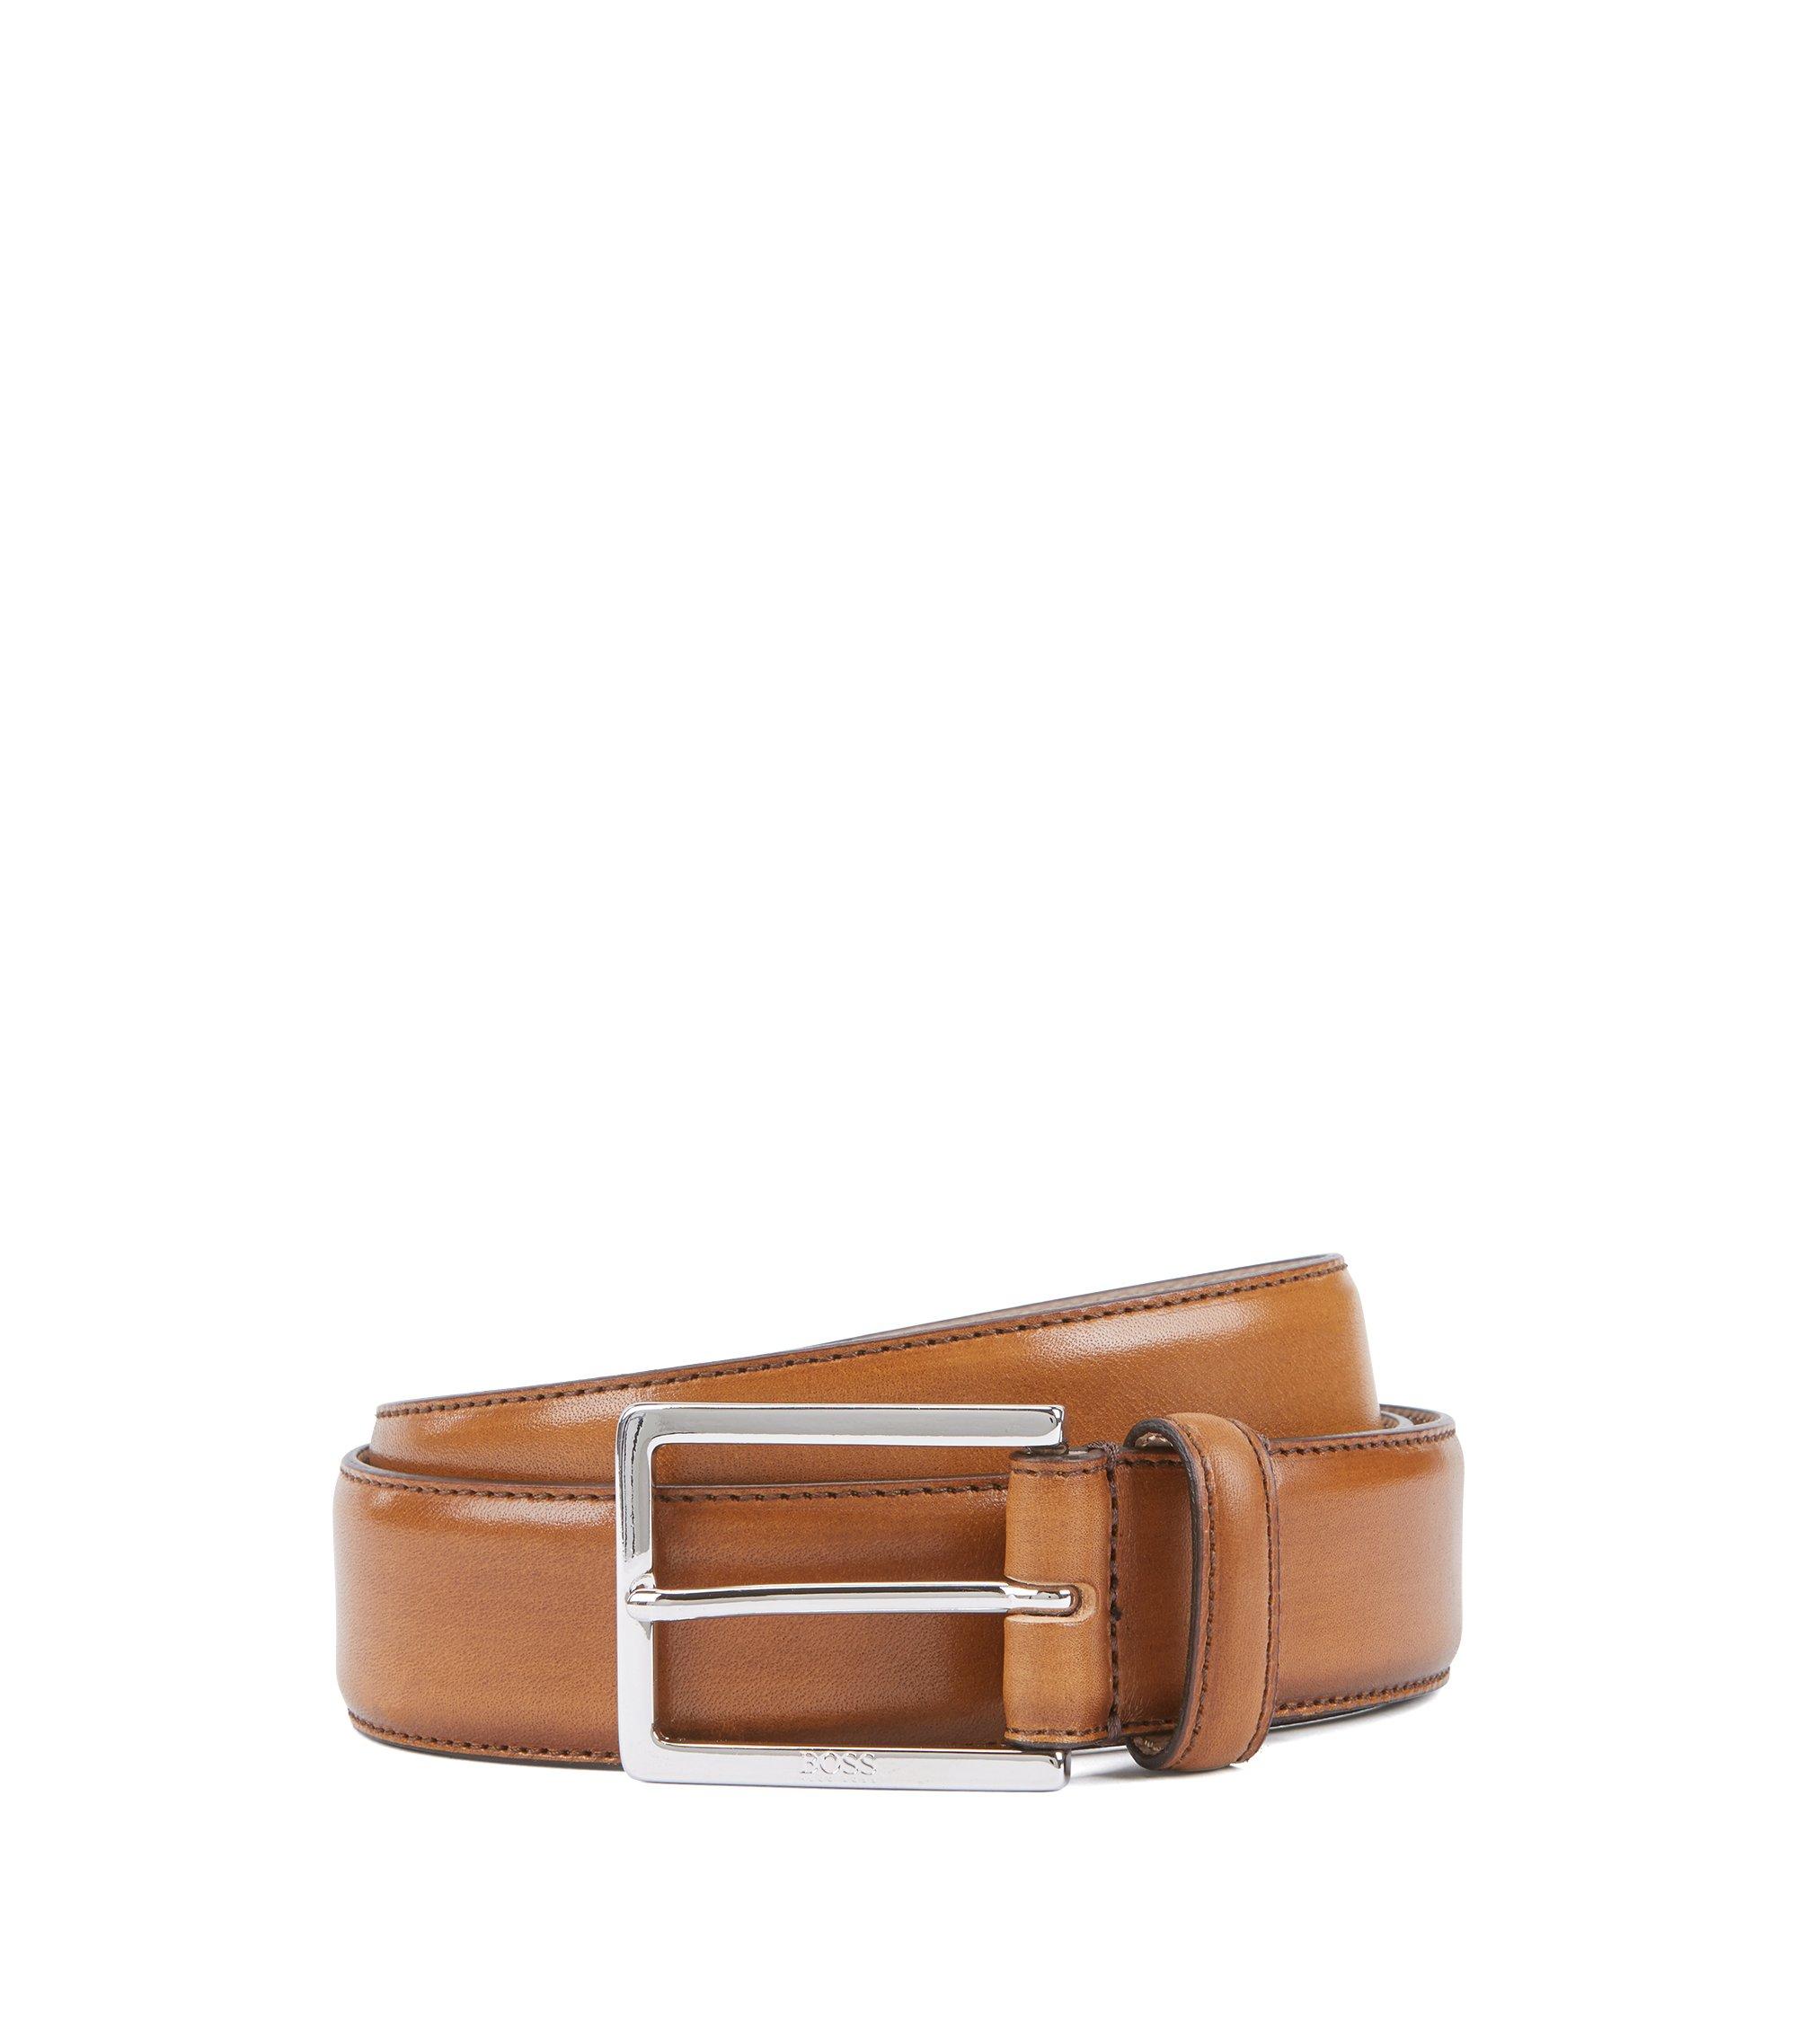 Eleganter Gürtel aus pflanzlich gegerbtem Leder mit gravierter Schließe, Braun